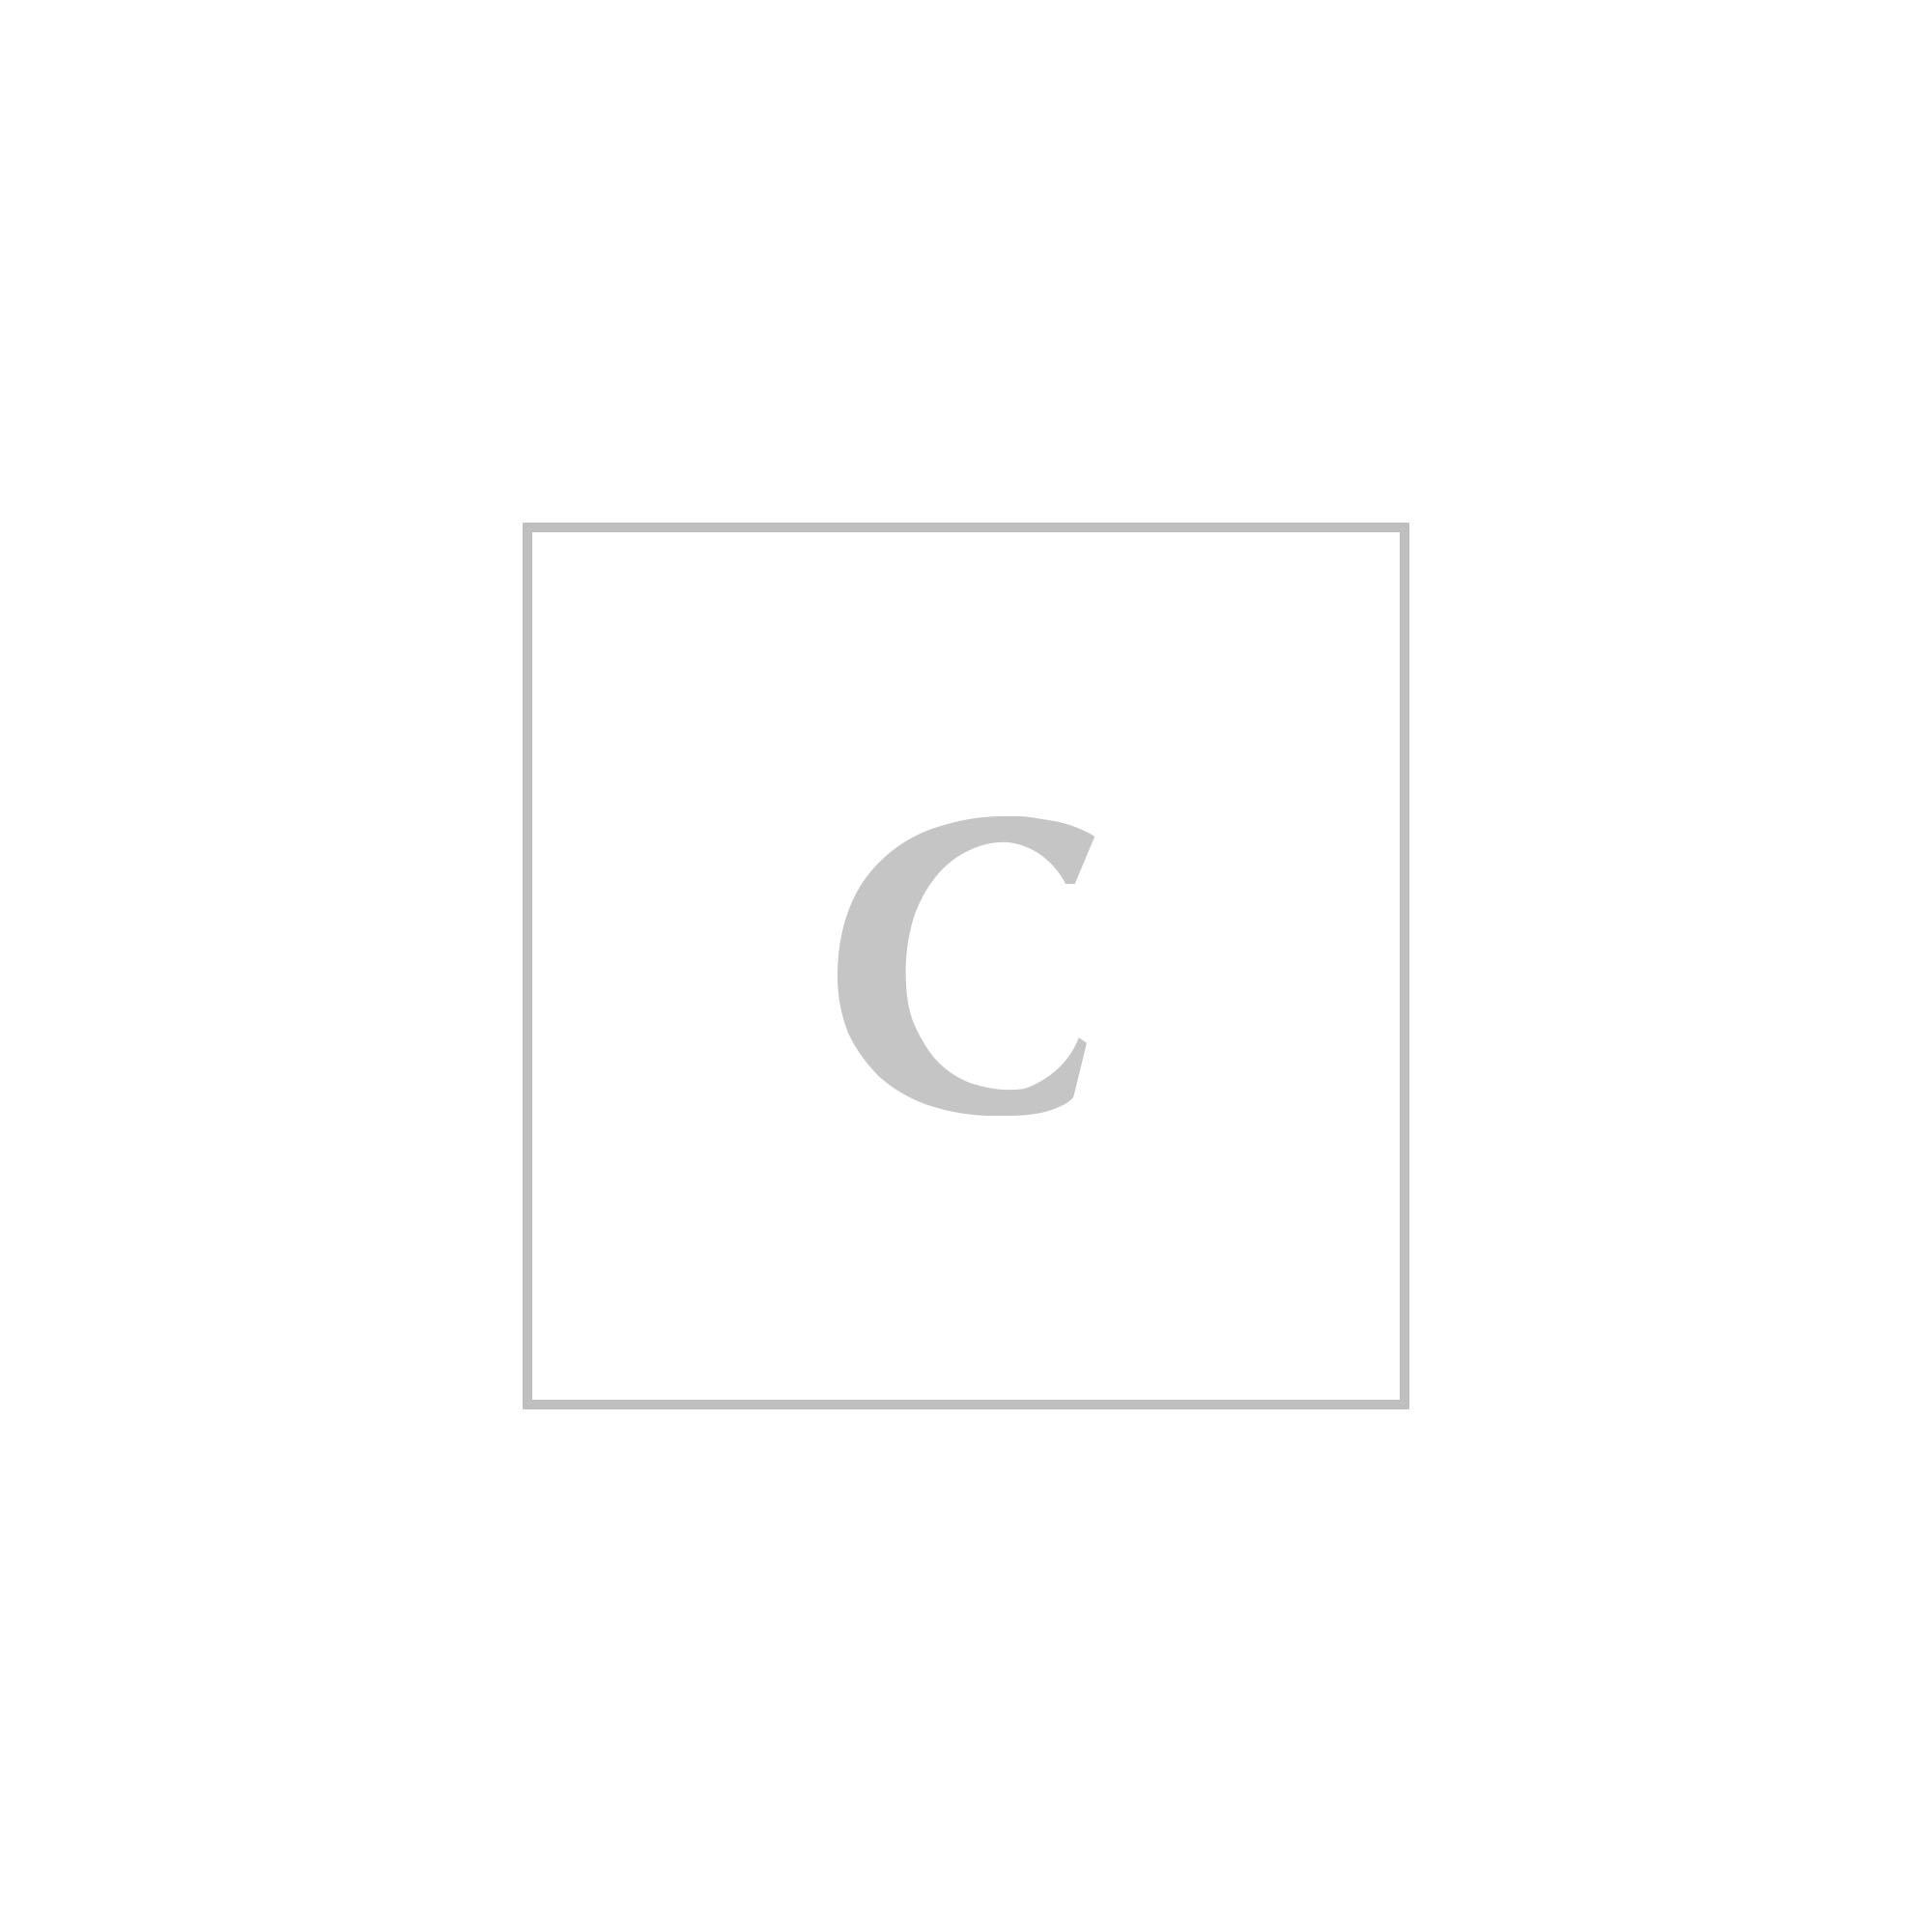 burberry abbigliamento uomo pullover con logo intarsiato